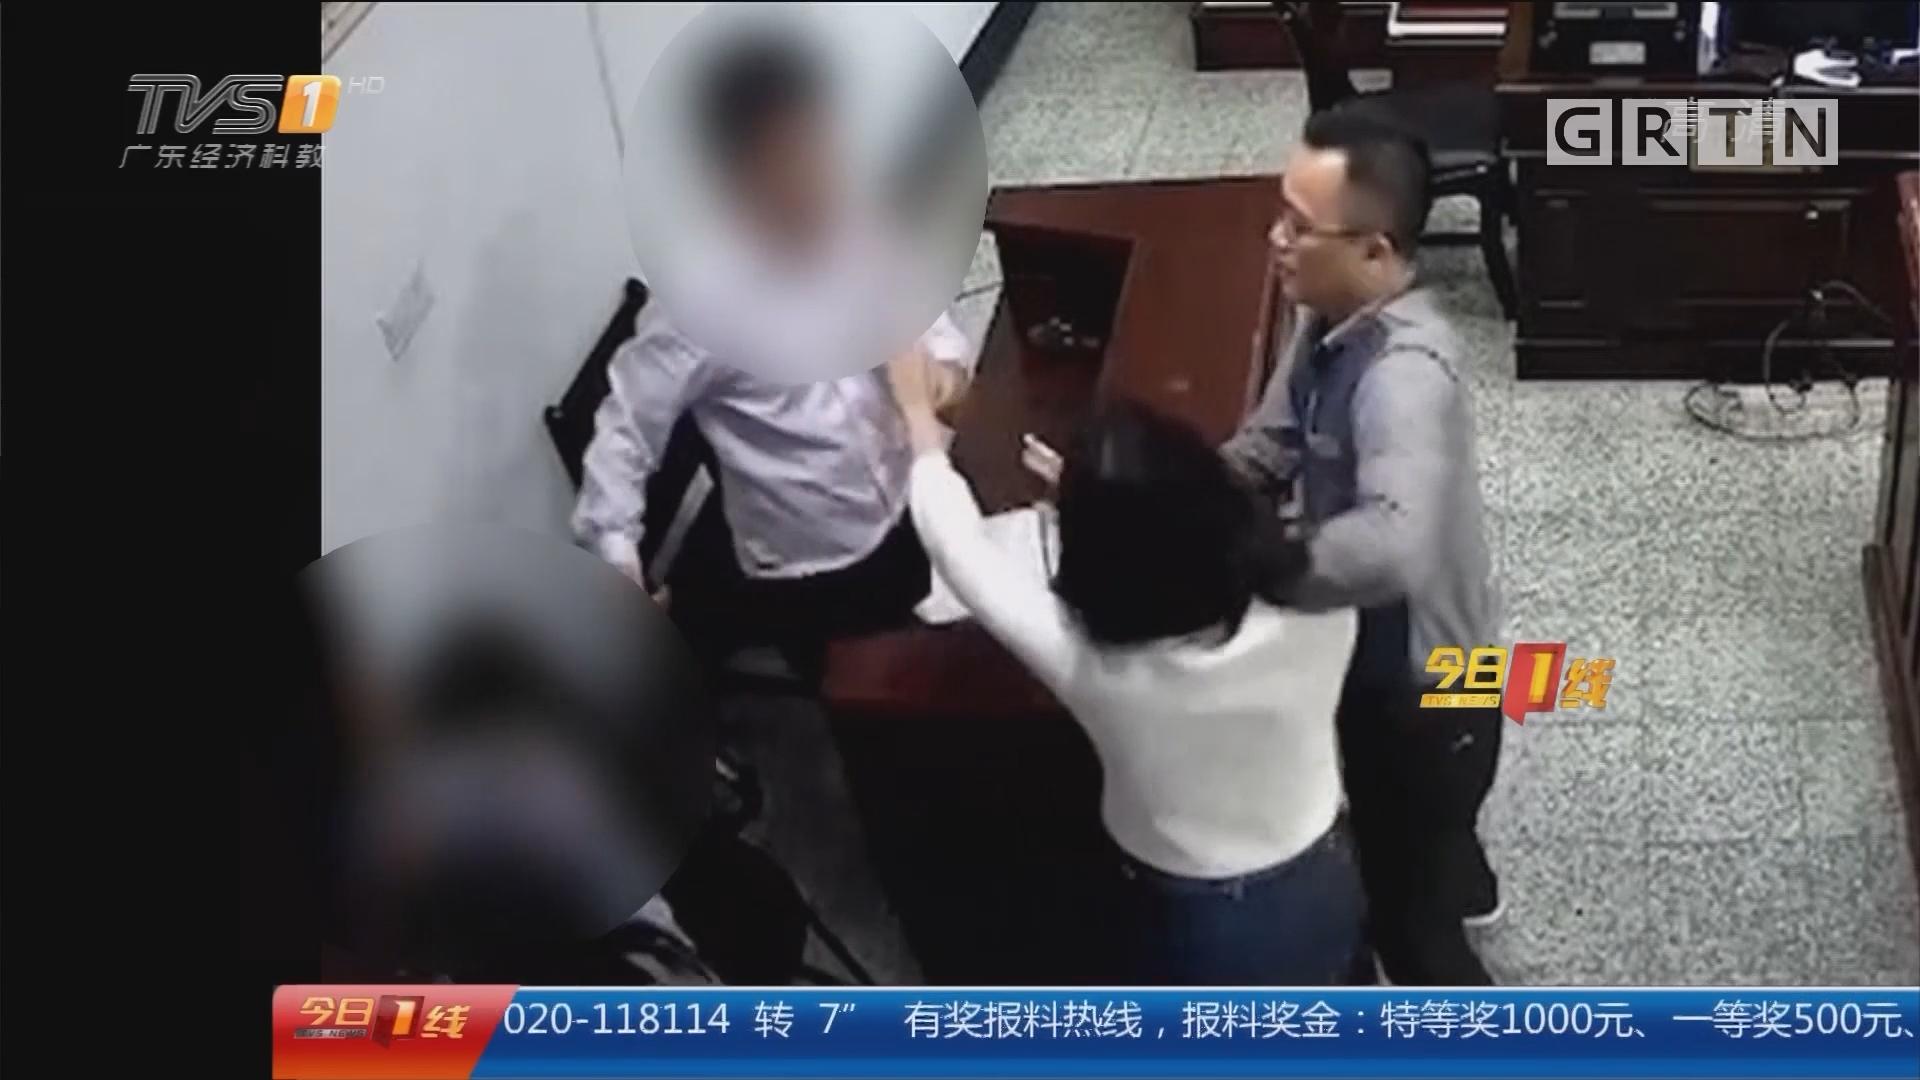 扰乱法庭:法庭之上 母子联手打儿媳被拘留